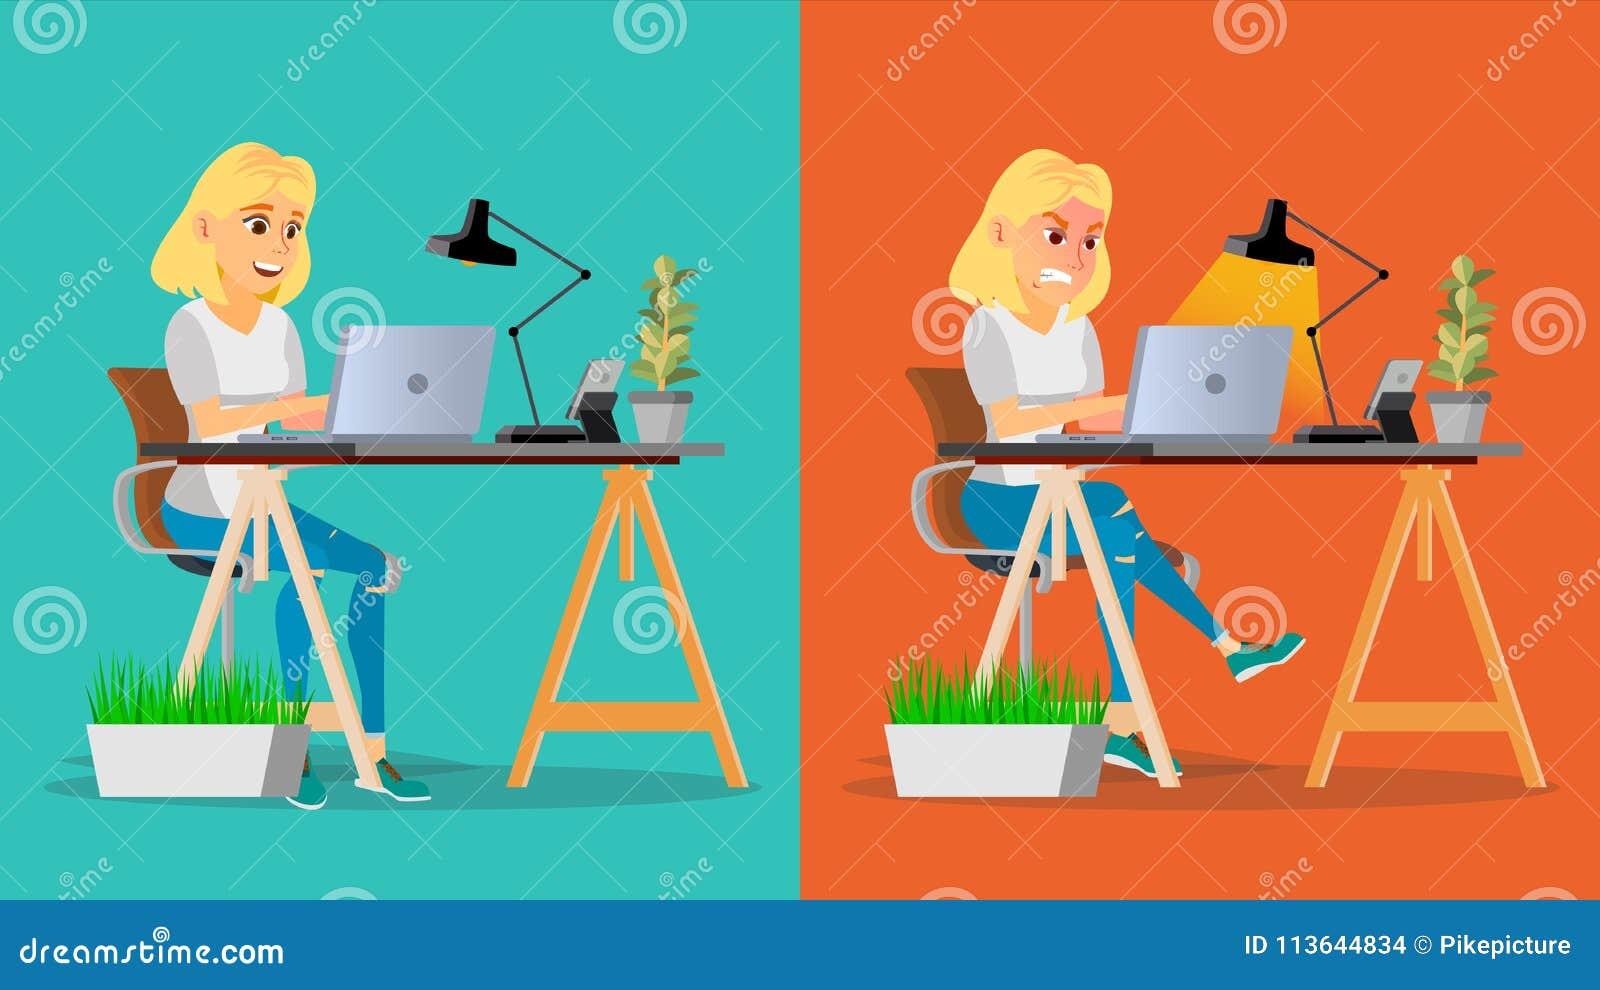 Betonter Heraus Frauen Vektor Blondes Madchen Das Im Buro Arbeitet